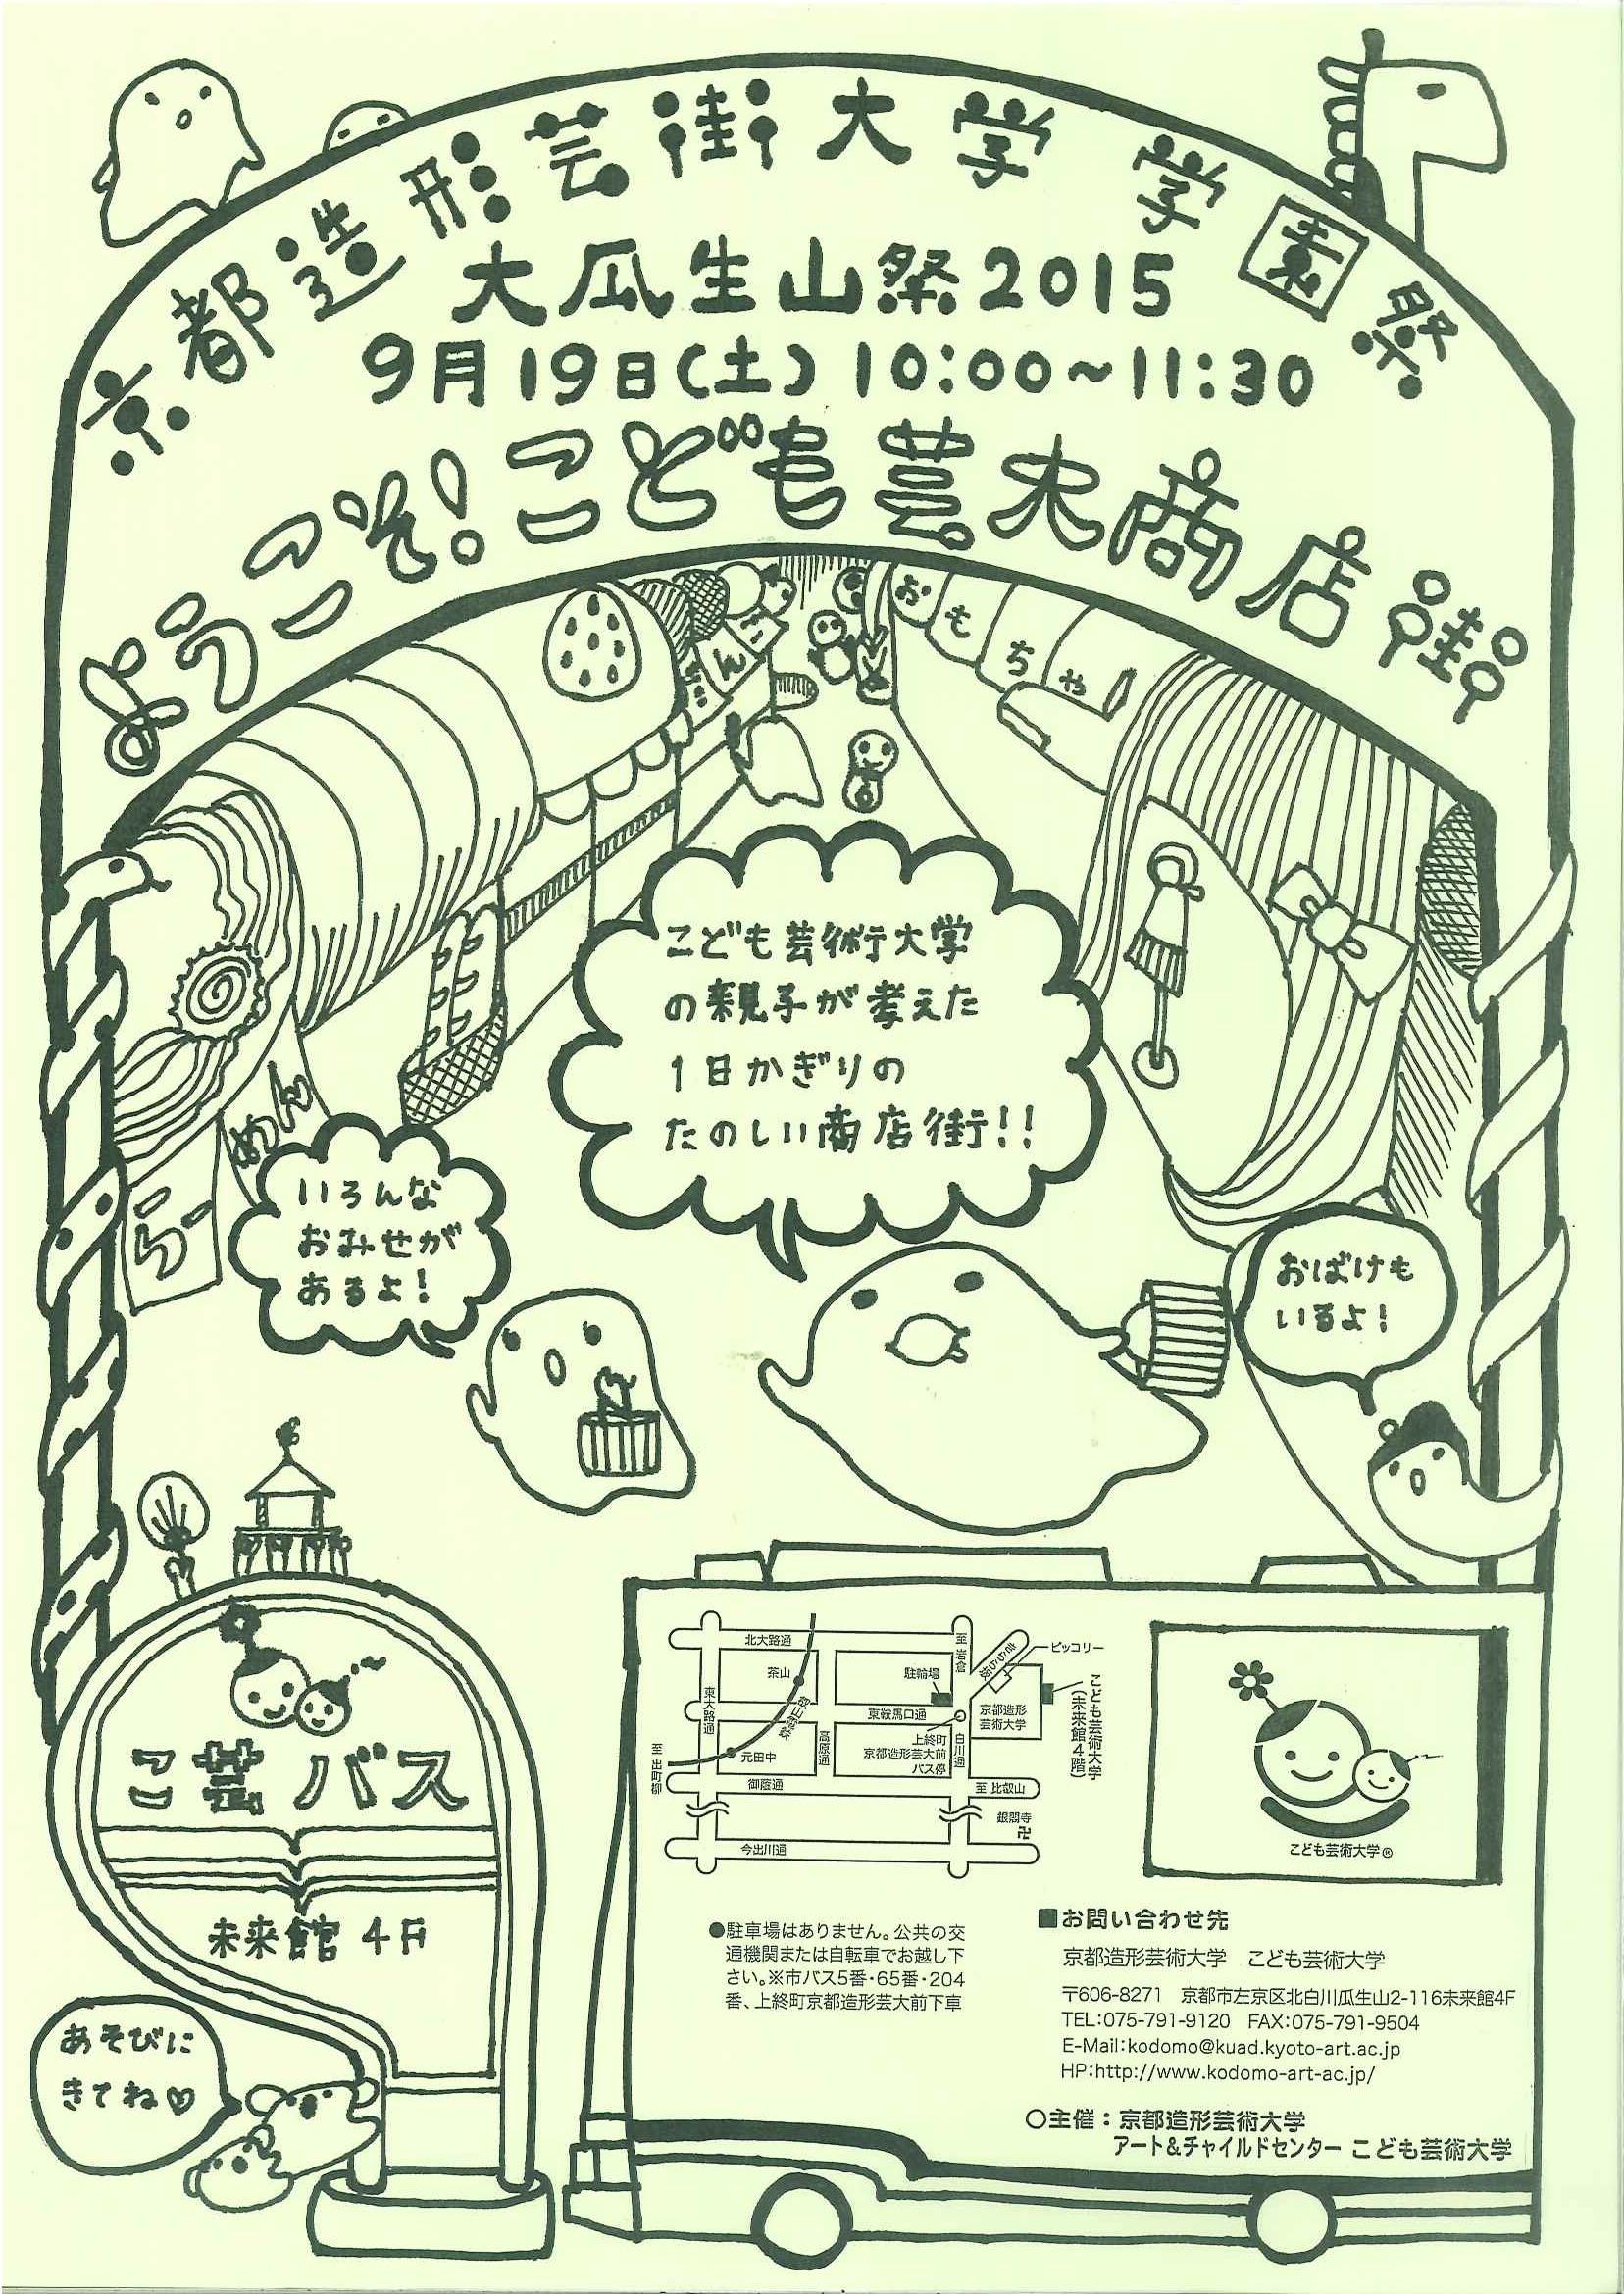 学祭チラシカラー(jpg)